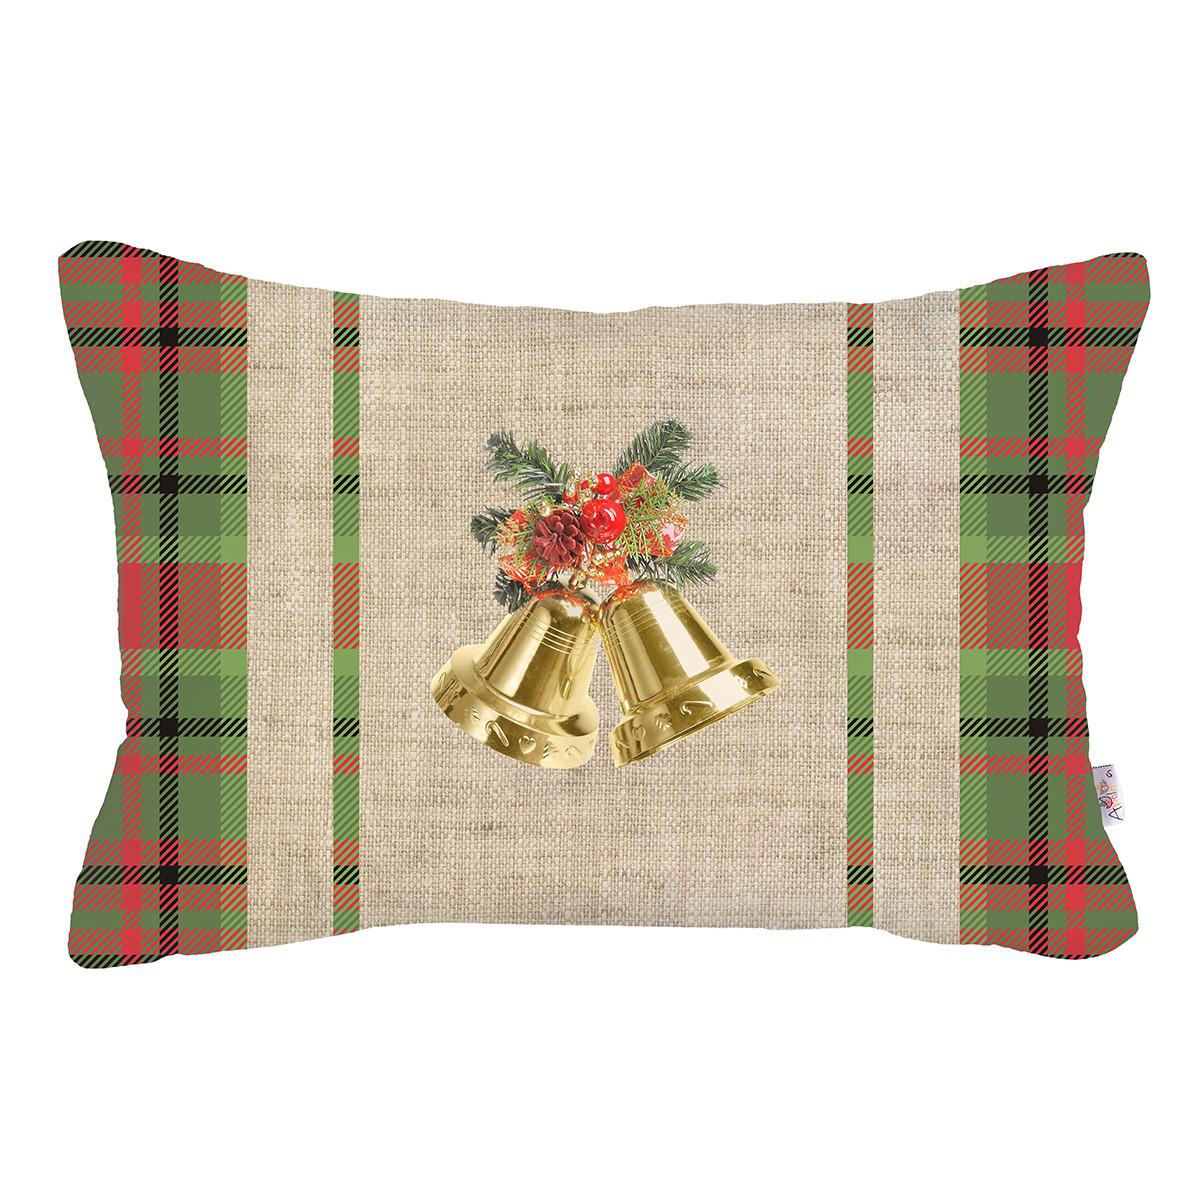 Χριστουγεννιάτικη Μαξιλαροθήκη (31×50) Apolena 701-6907/2